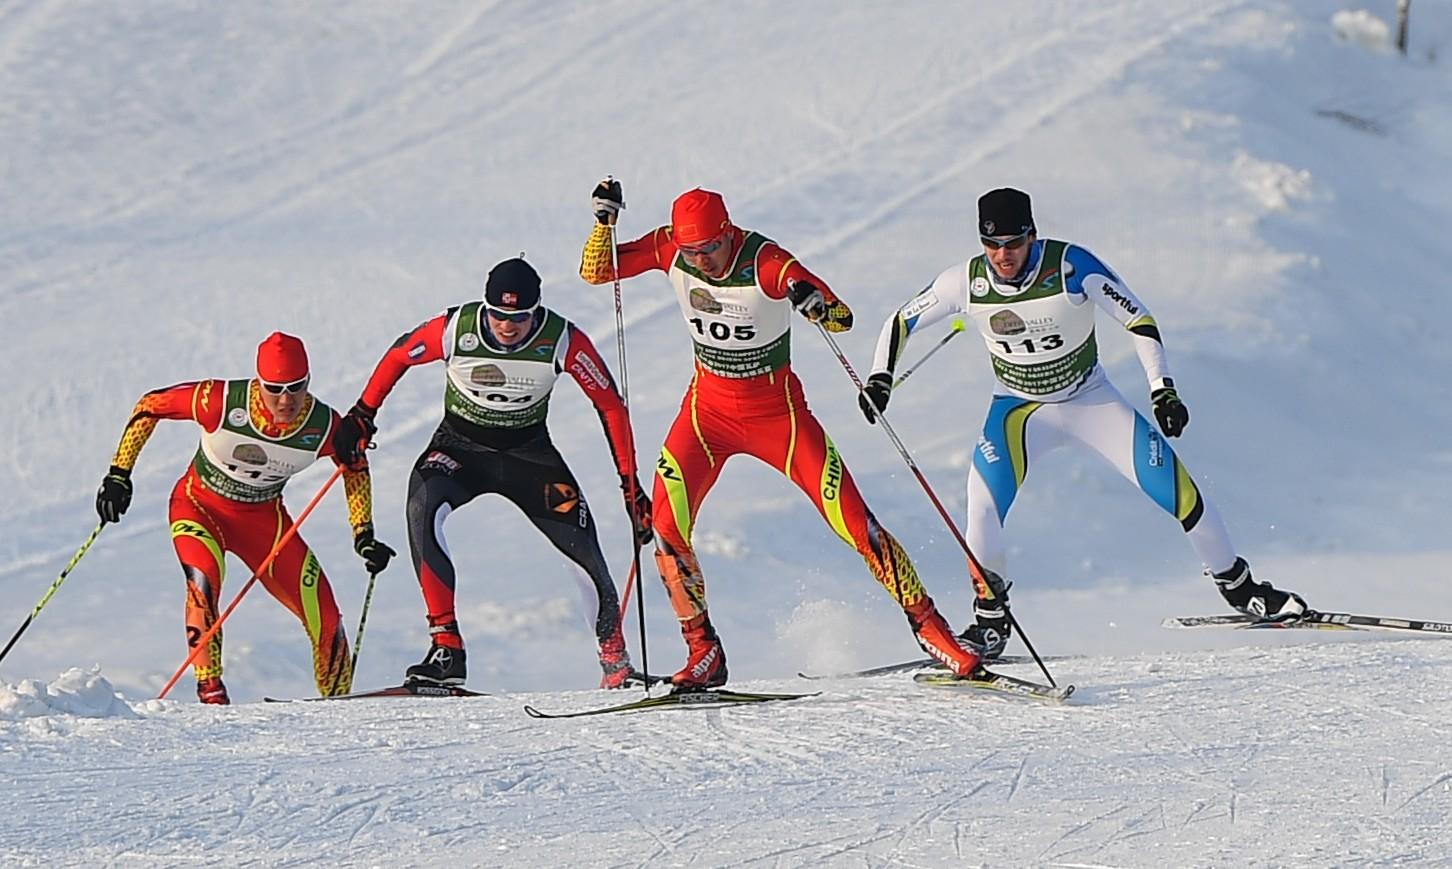 1月3日,2017国际雪联越野滑雪中国巡回赛长春站比赛在长春鹿鸣谷举行。新华社记者许畅摄